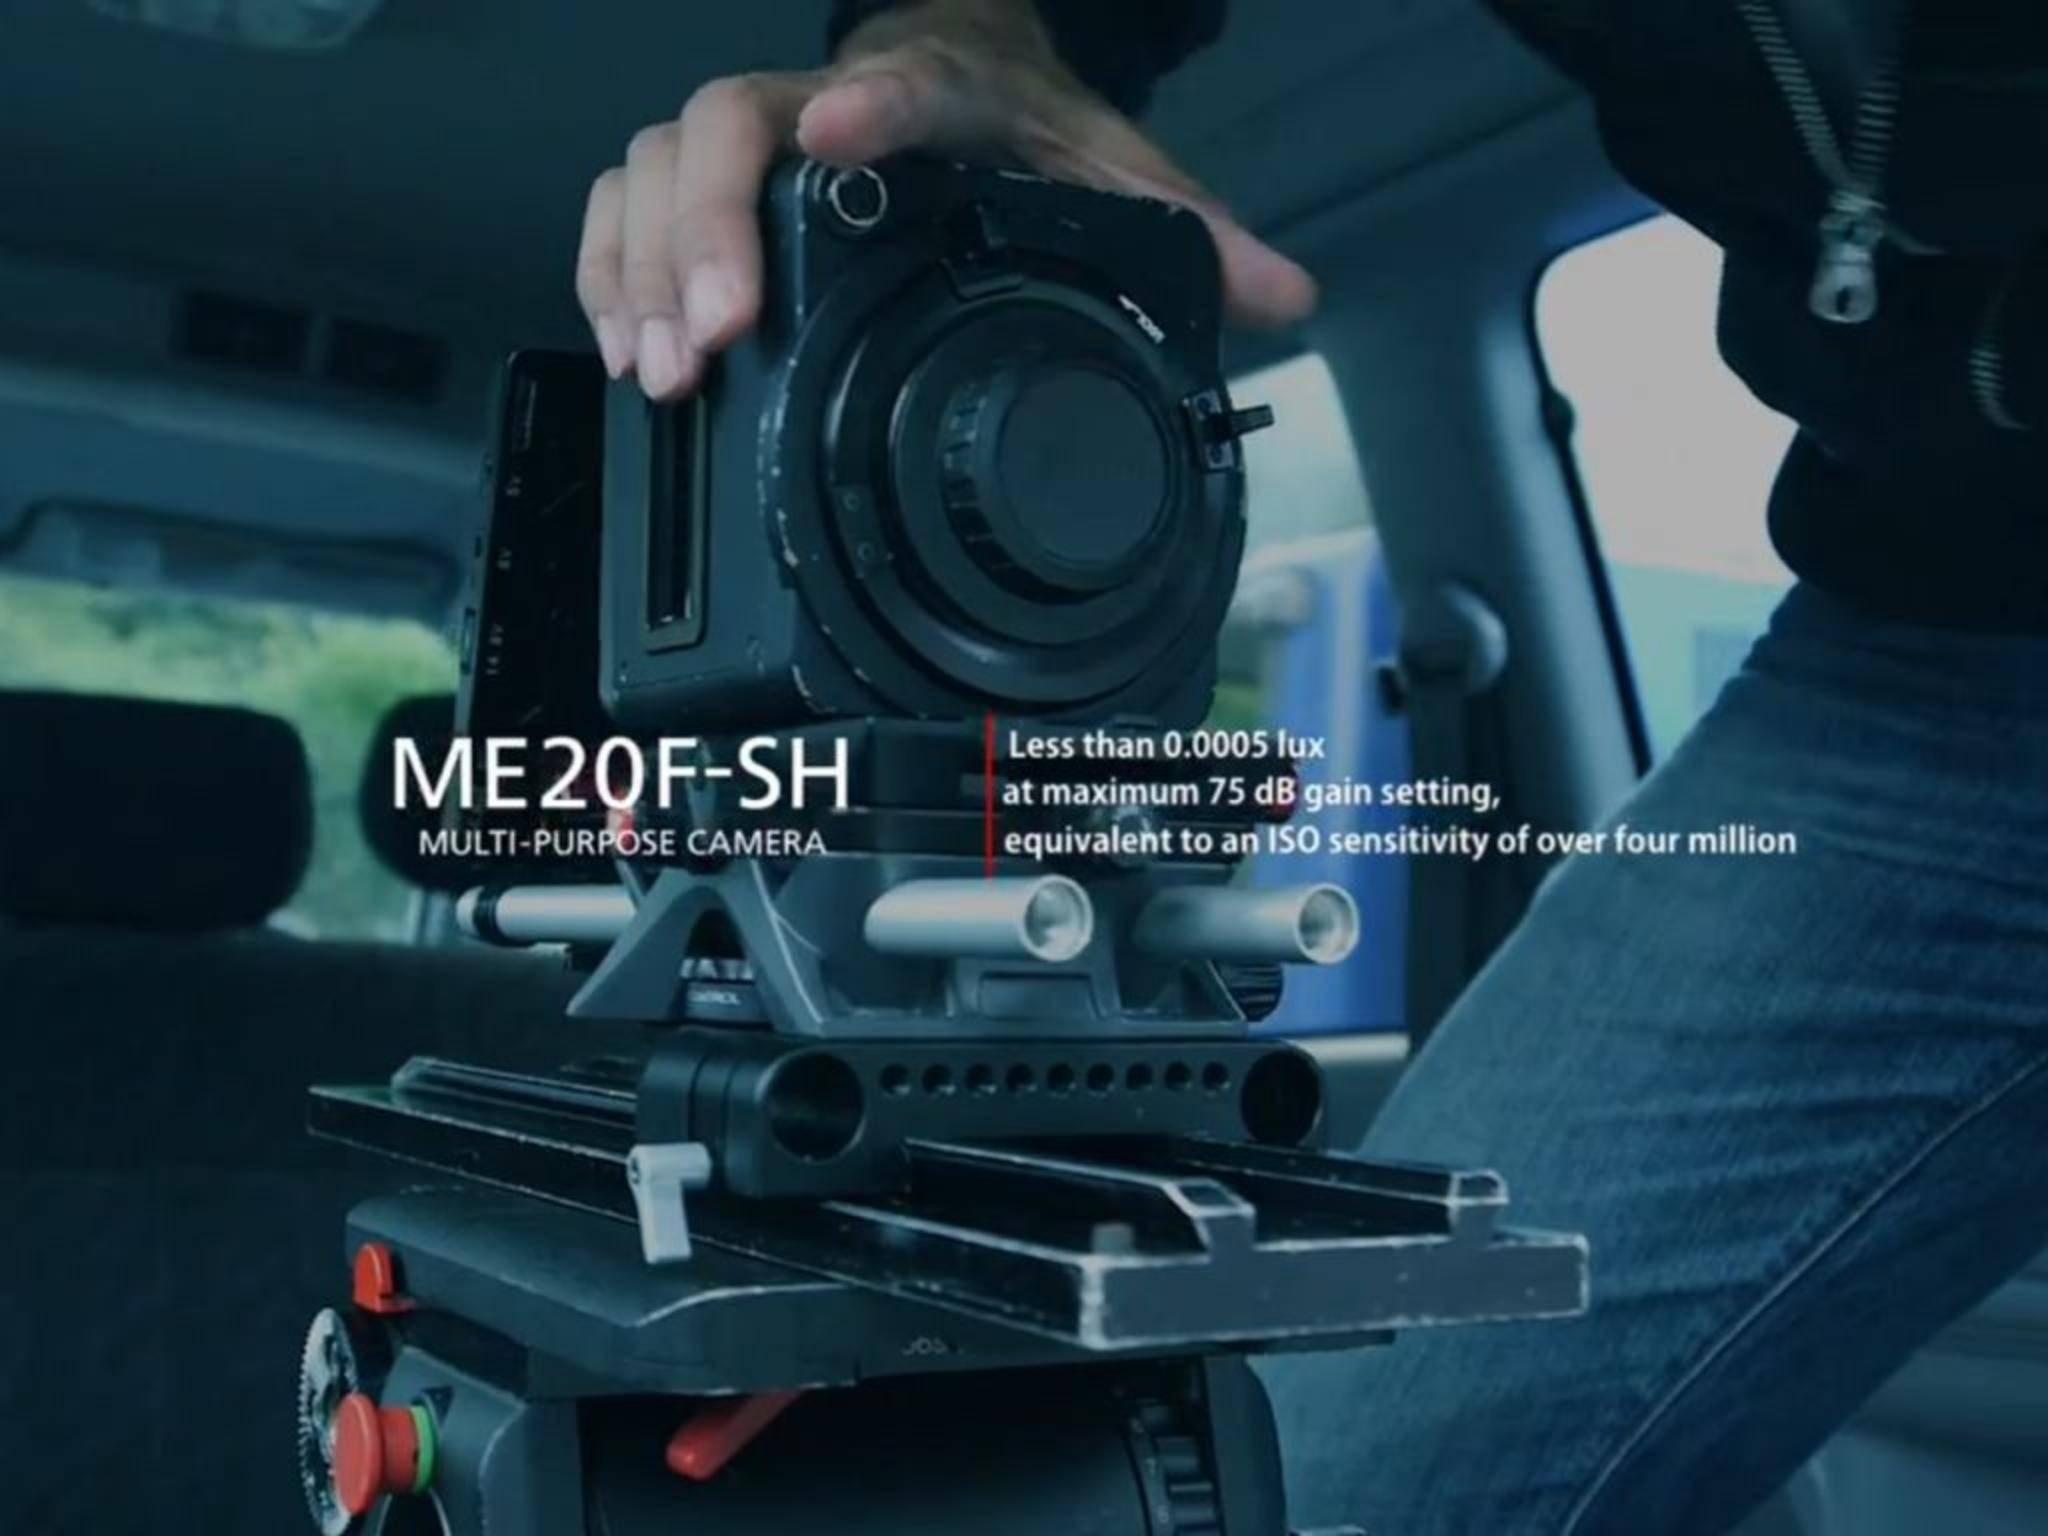 Die Canon ME20F-SH kann mehr sehen als das menschliche Auge.